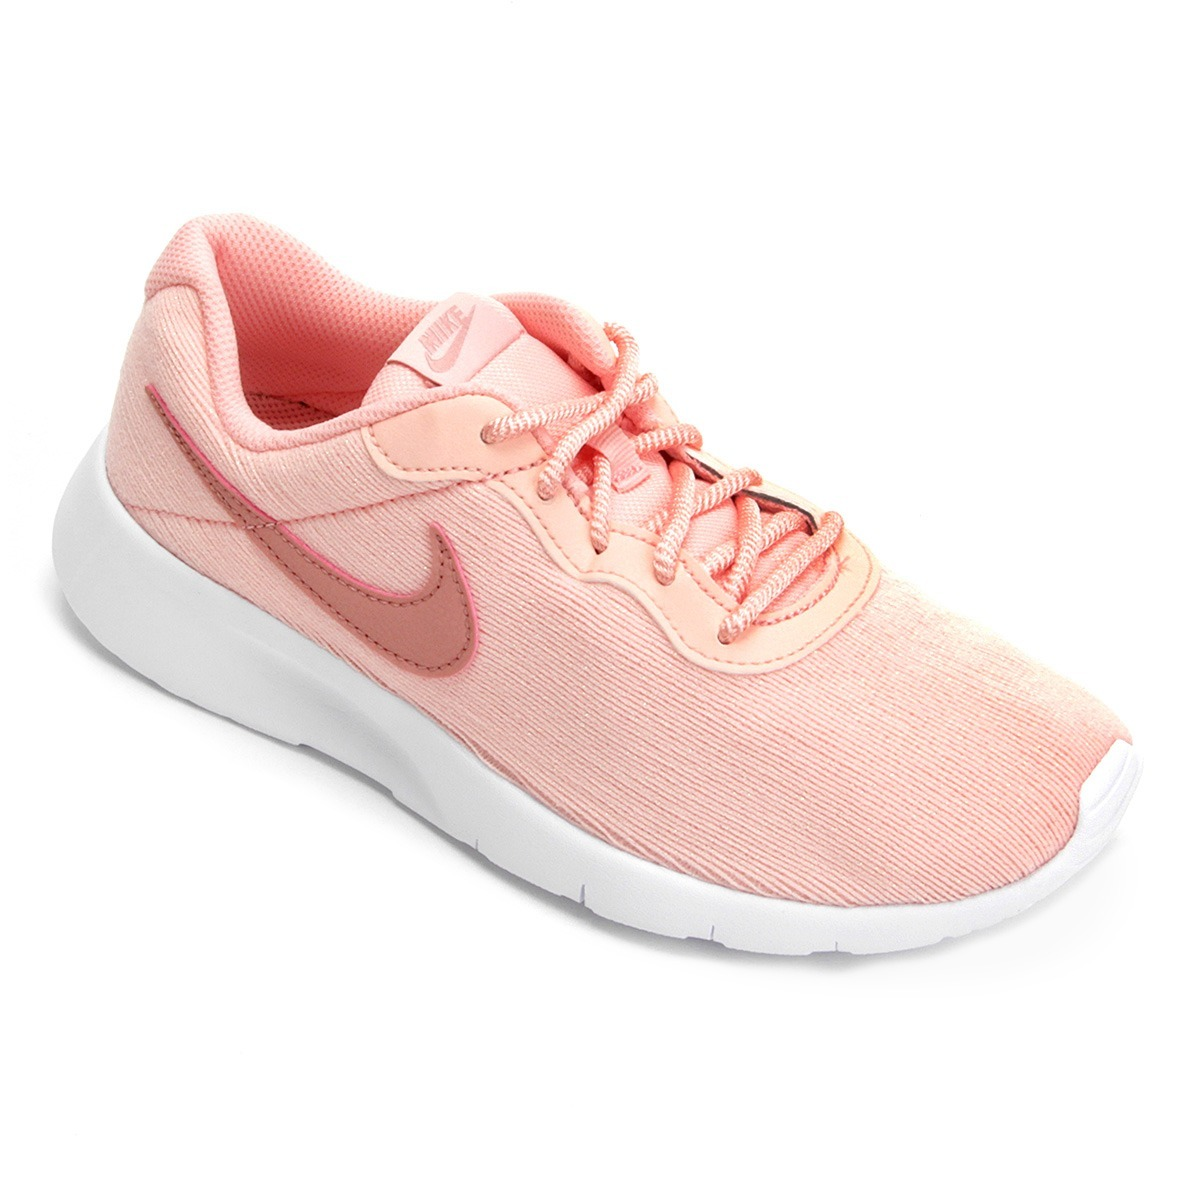 ... 250c5e4e819 tênis nike feminino tanjun rosa - original - frete grátis. Carregando  zoom. bf23fb80189c7